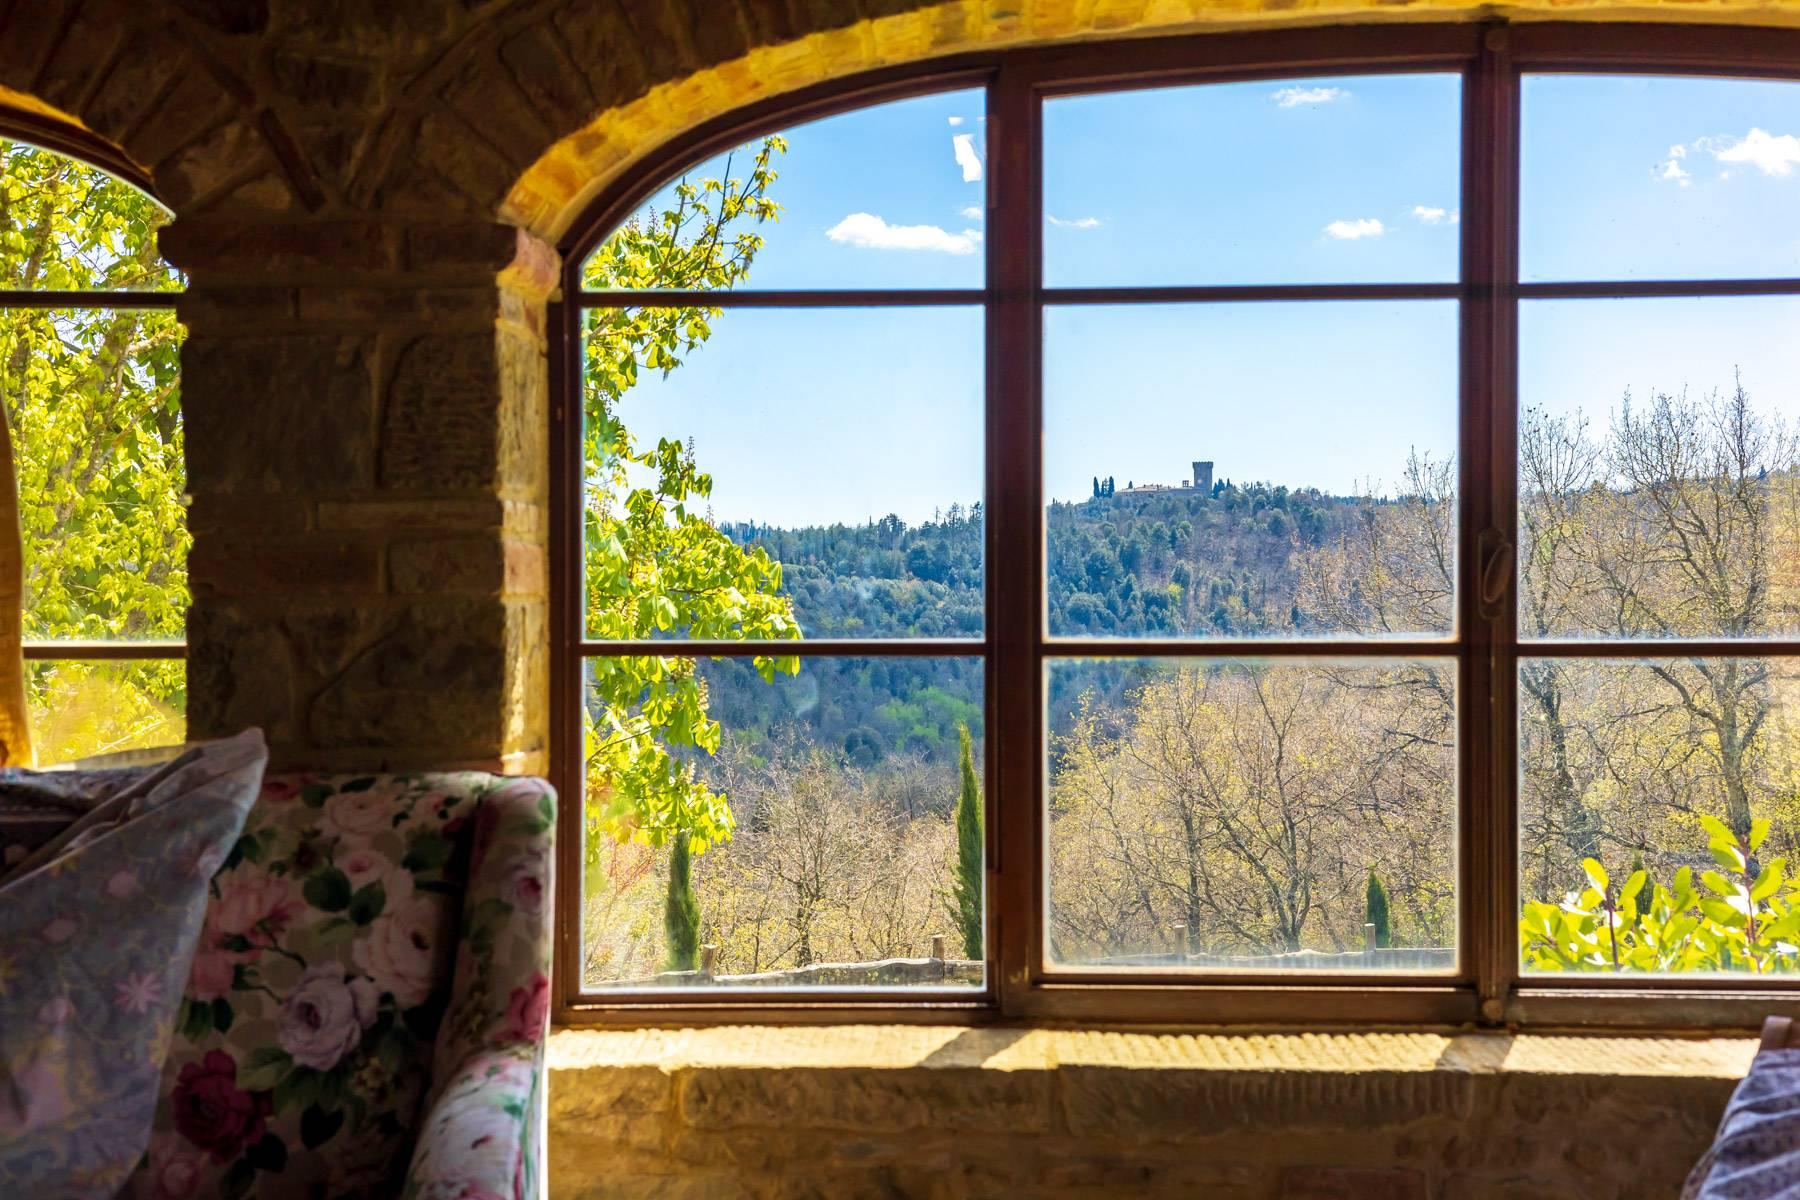 Rustico in Vendita a Monte San Savino: 5 locali, 307 mq - Foto 6